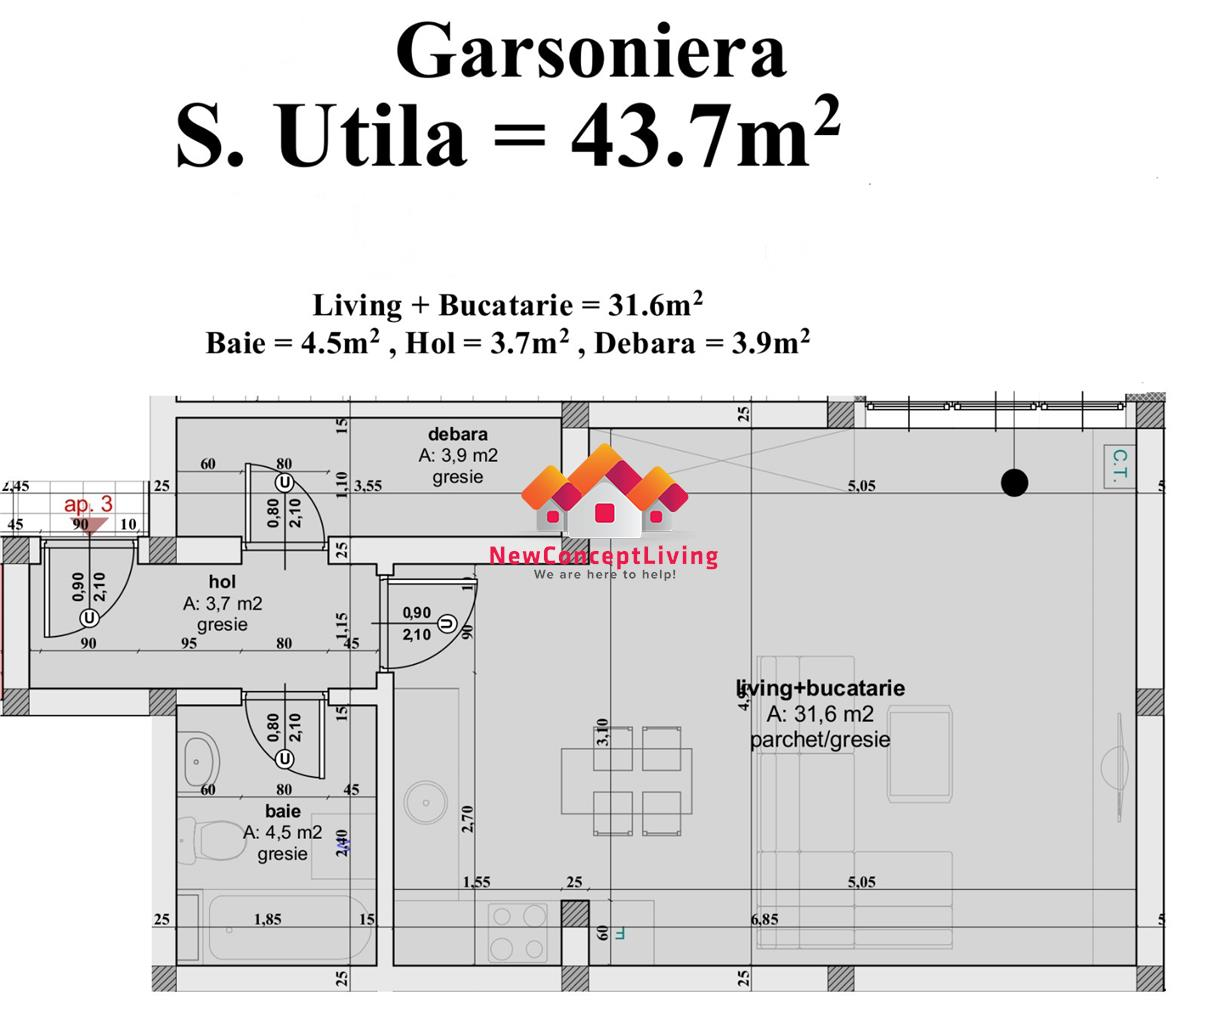 Garsoniera de vanzare in Sibiu, spatioasa - 43.7 mp - pret avantajos